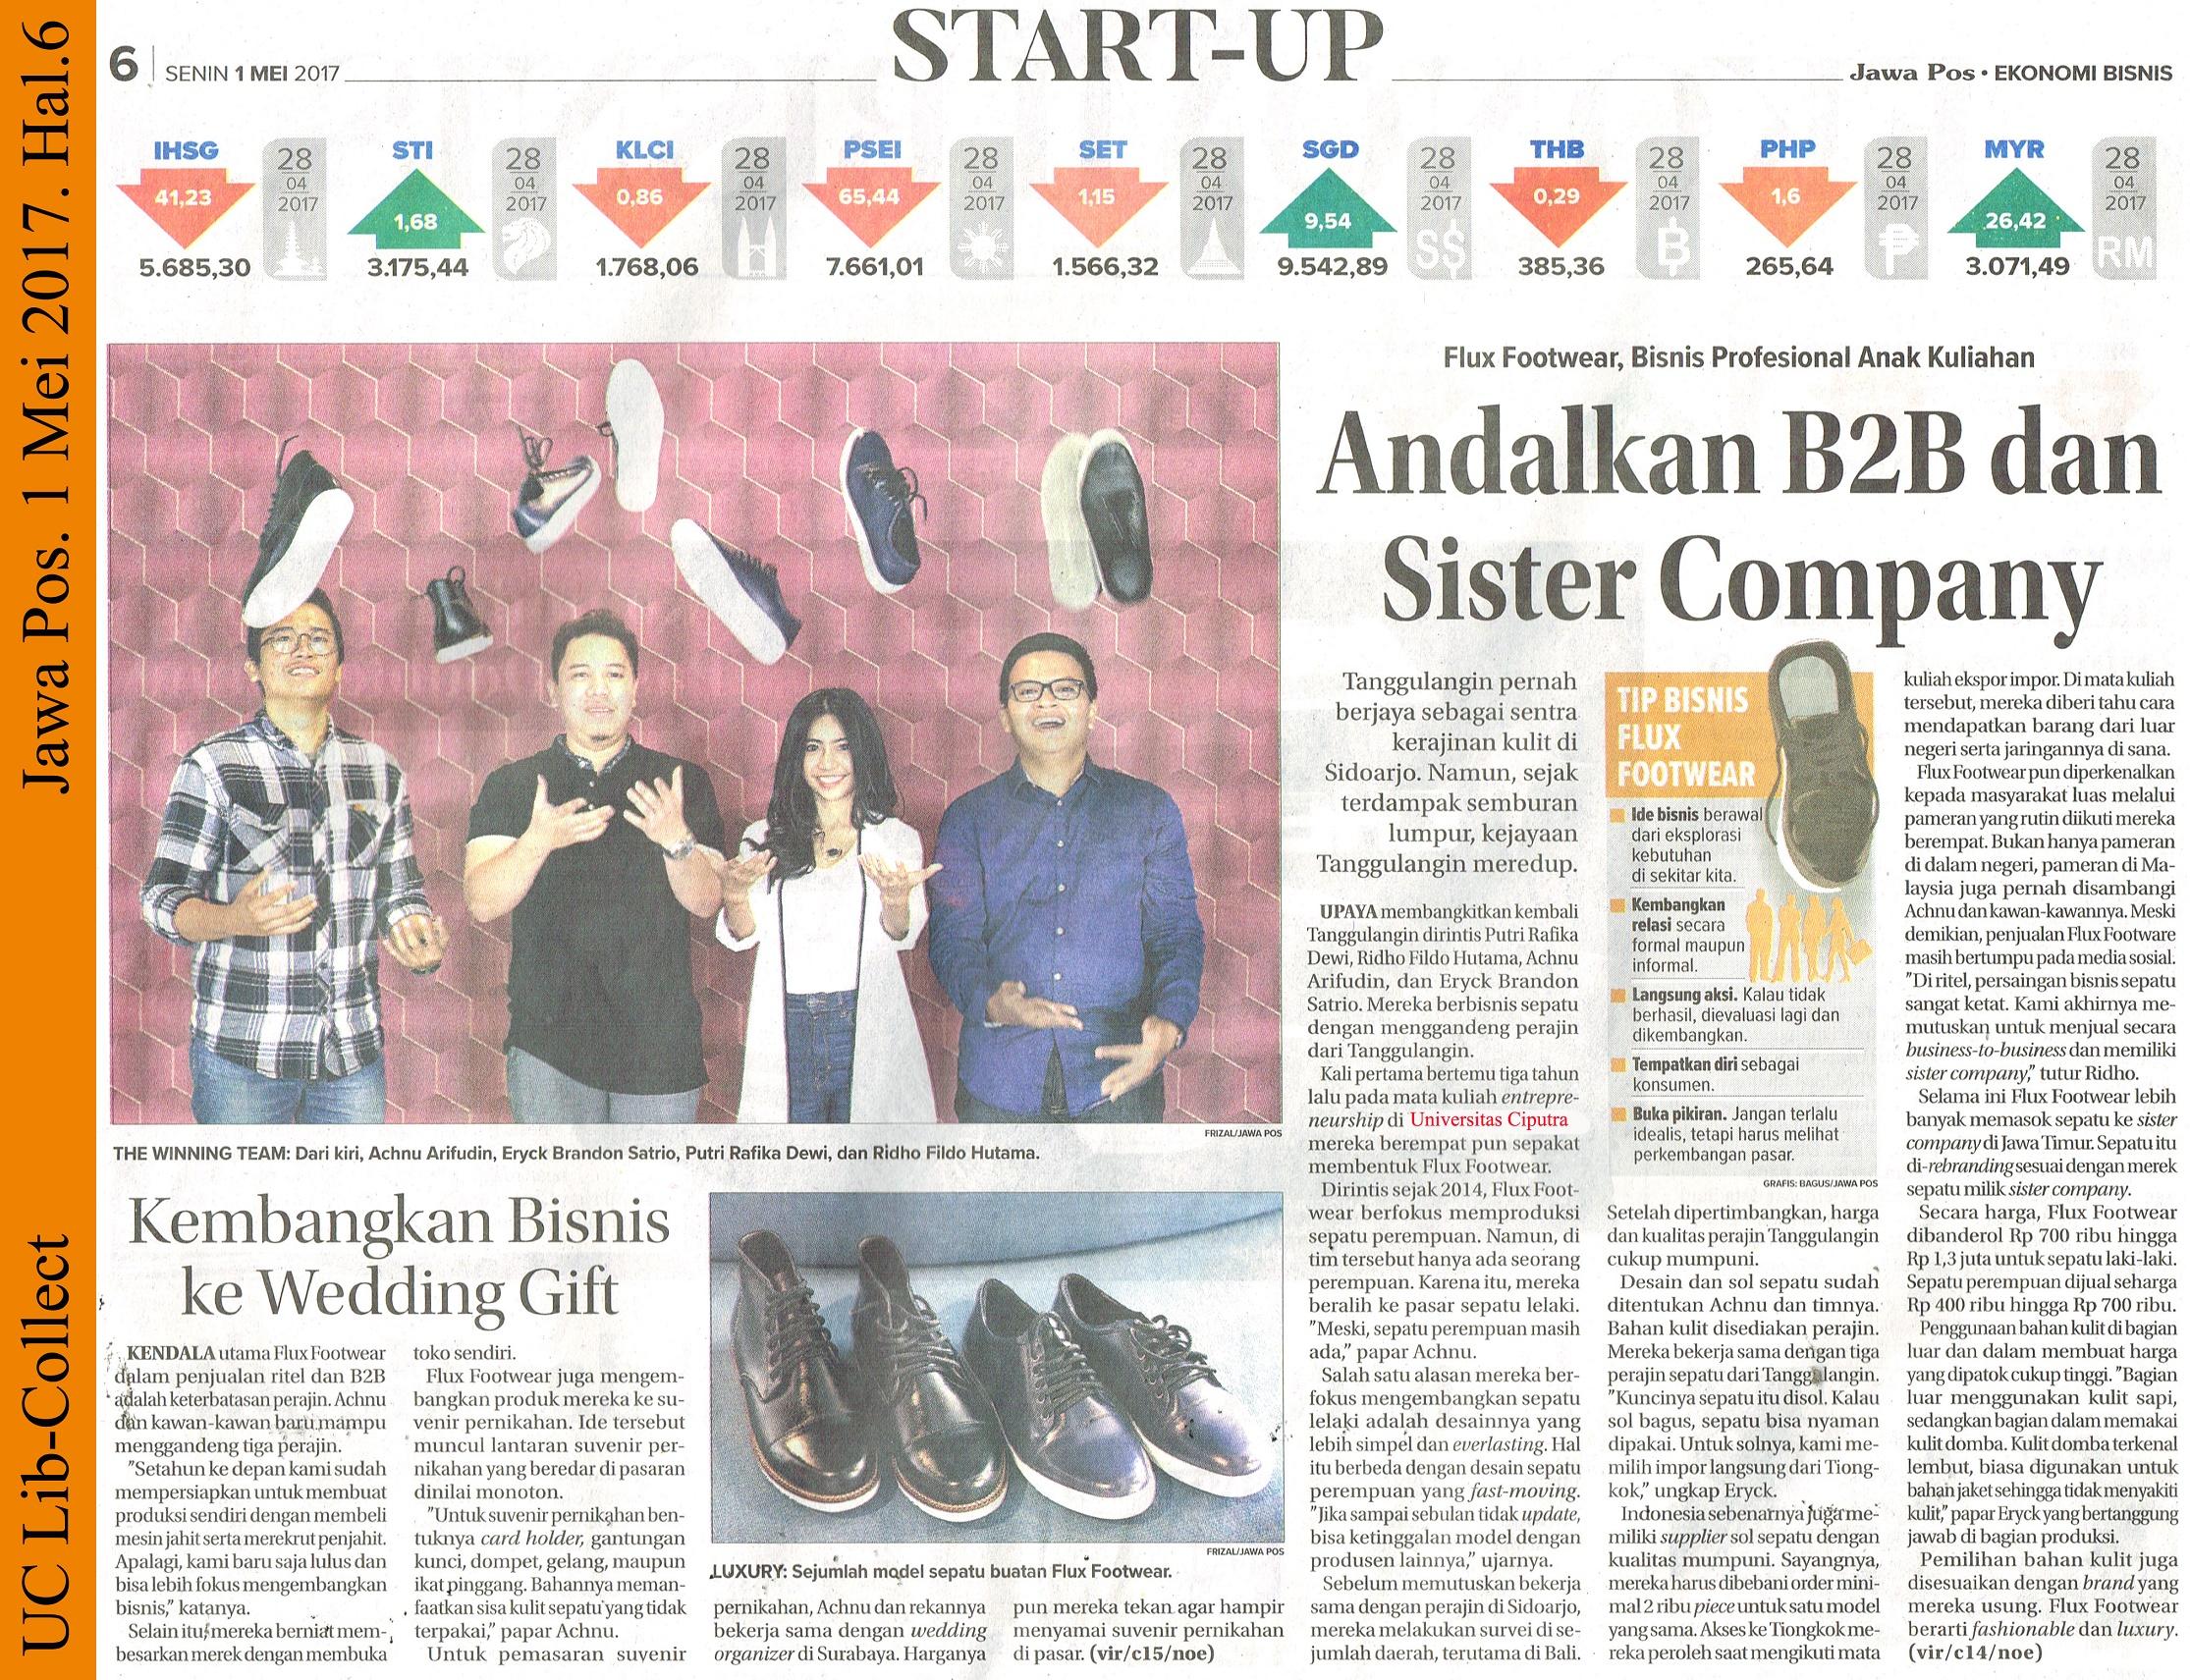 Kembangkan Bisnis ke Wedding Gift. Jawa Pos.1 Mei 2017.Hal.6